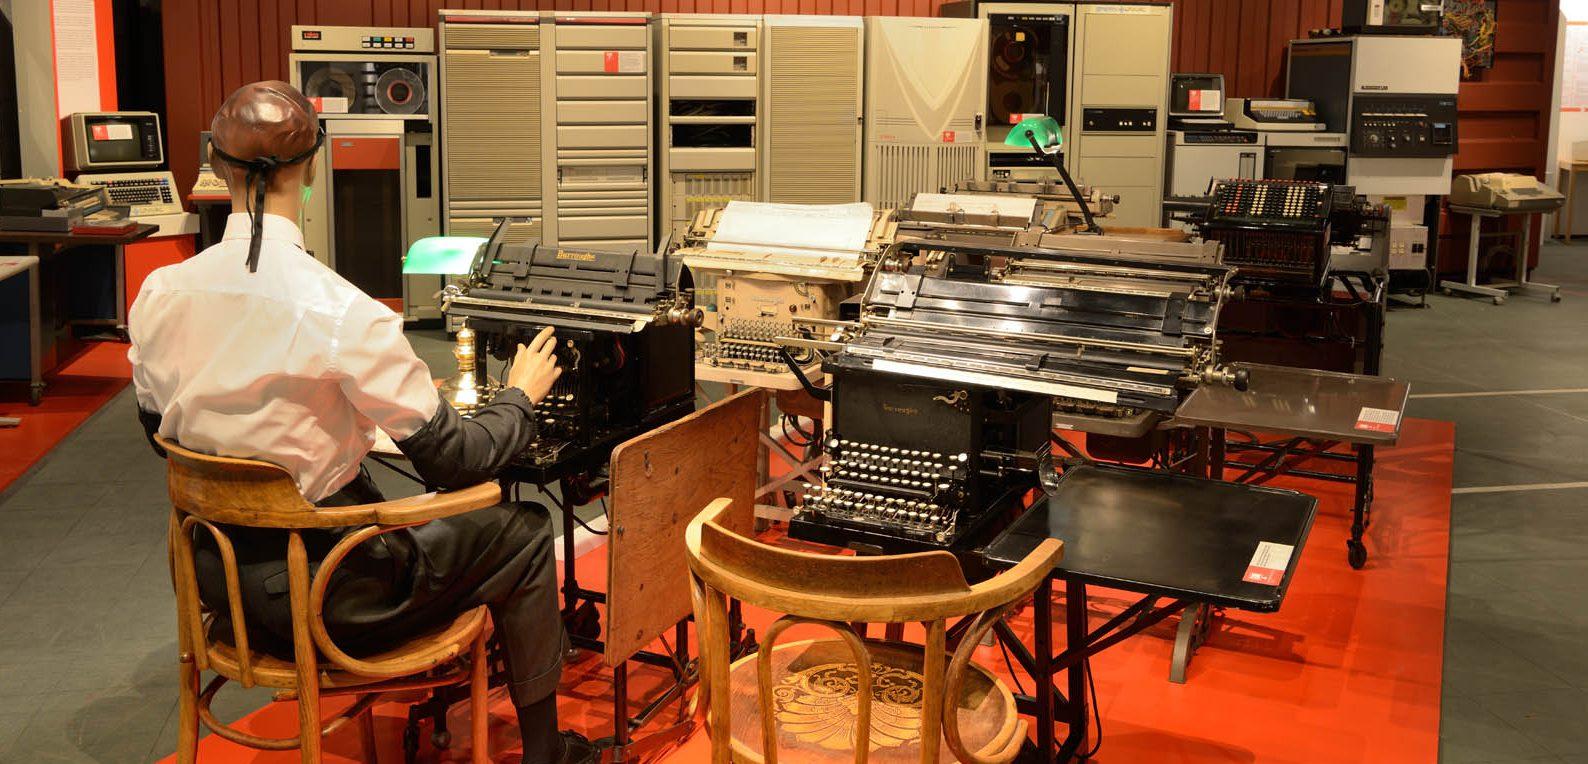 Le NAM-IP Computer Museum